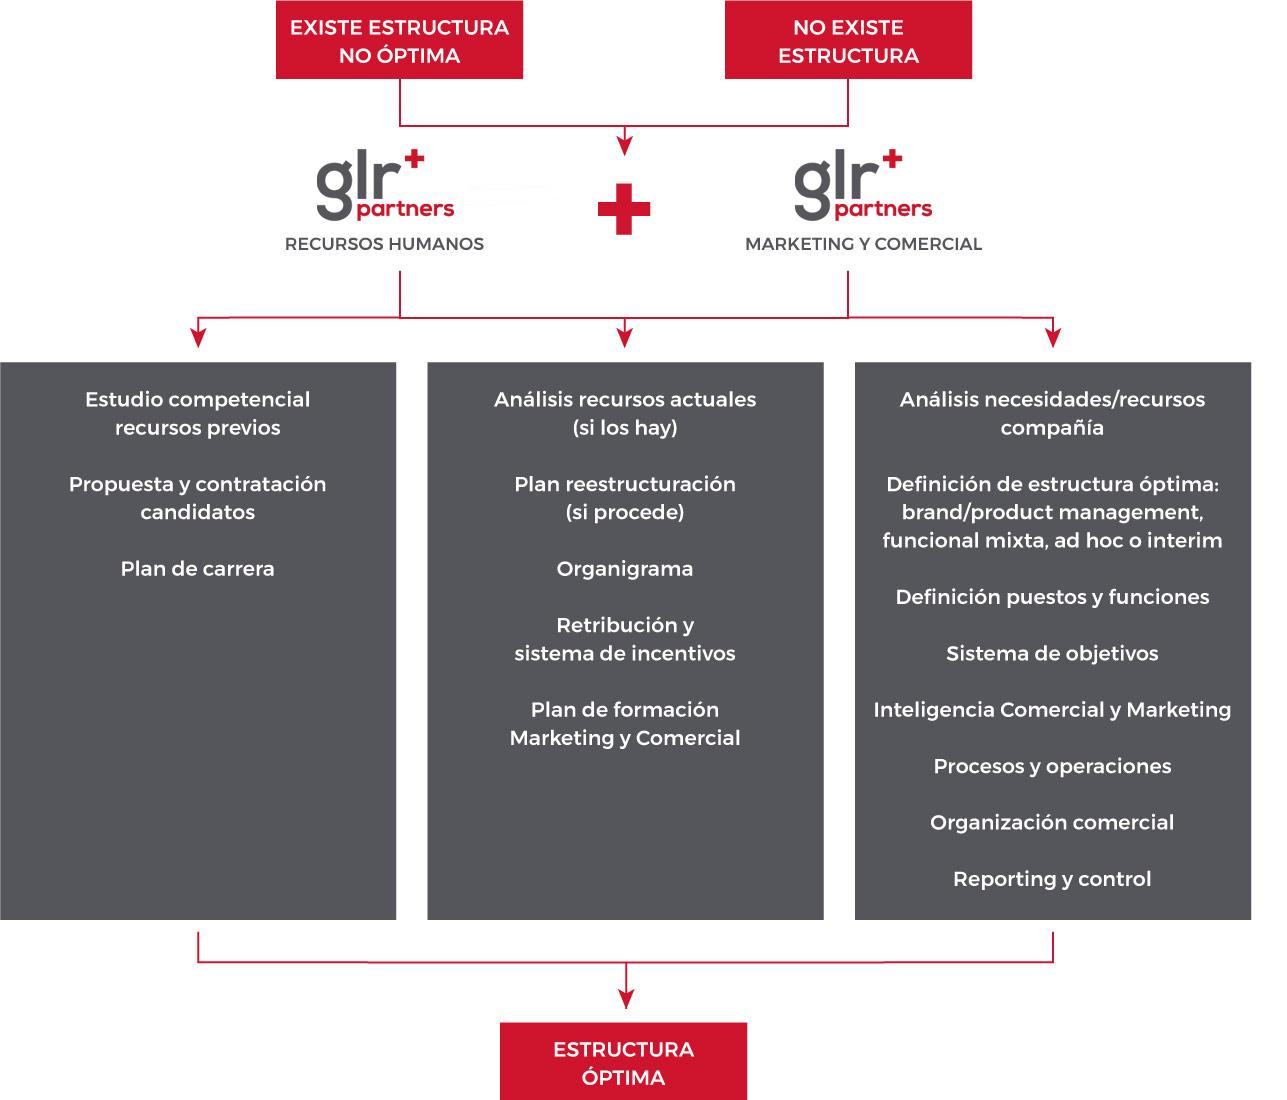 fuerza-ventas_GLR+